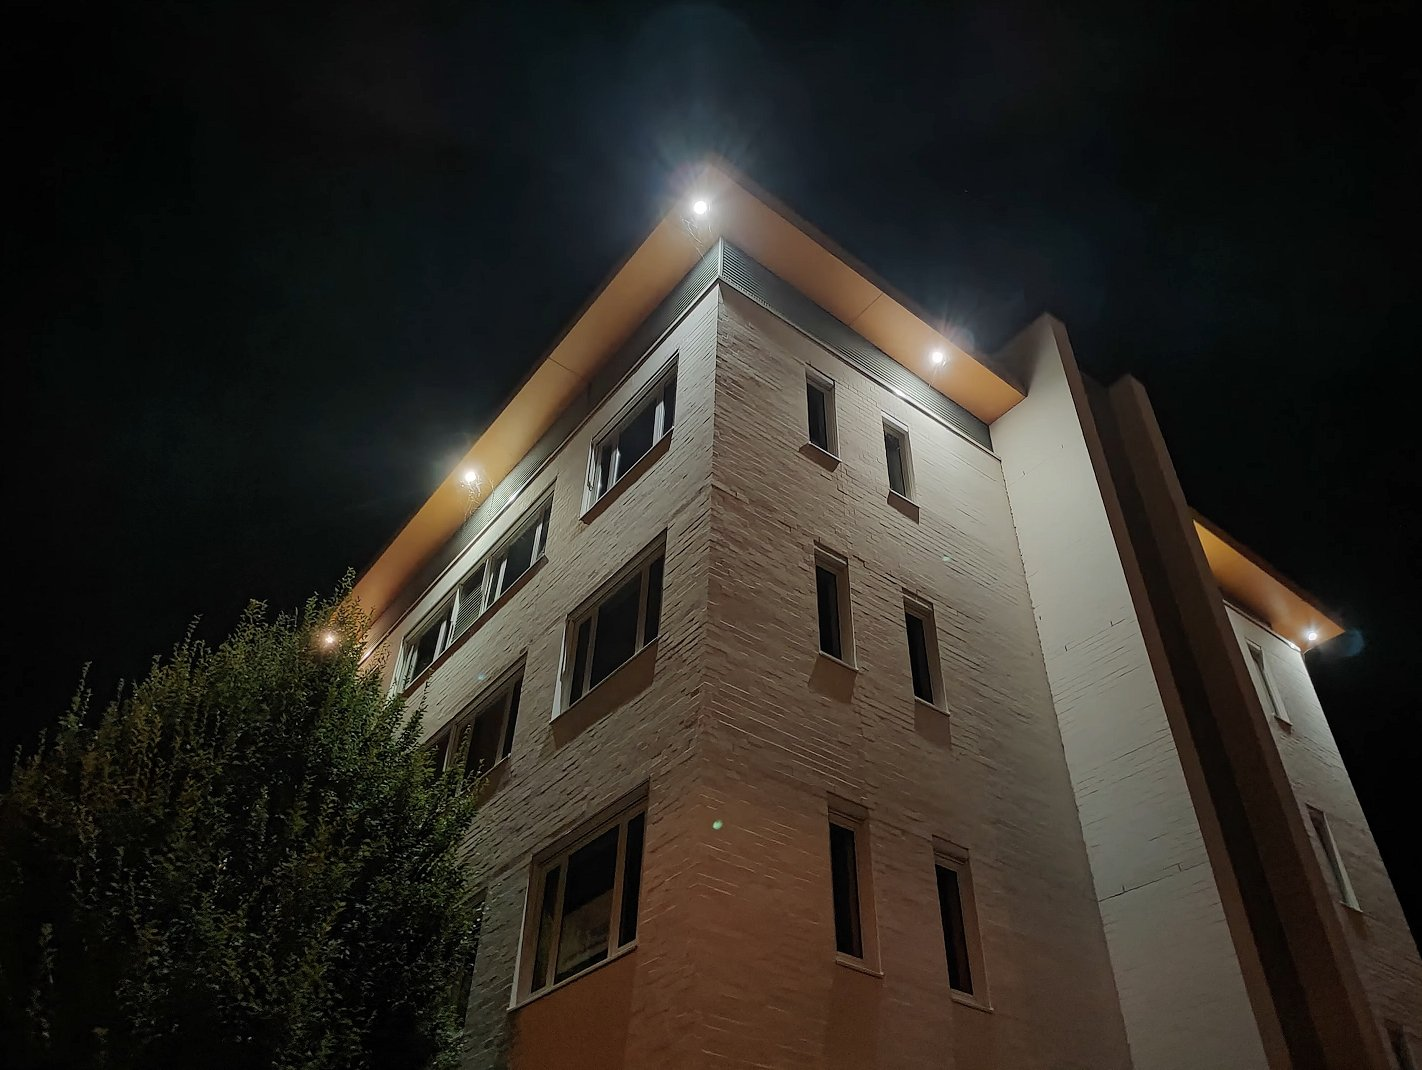 Фотография в ночное время